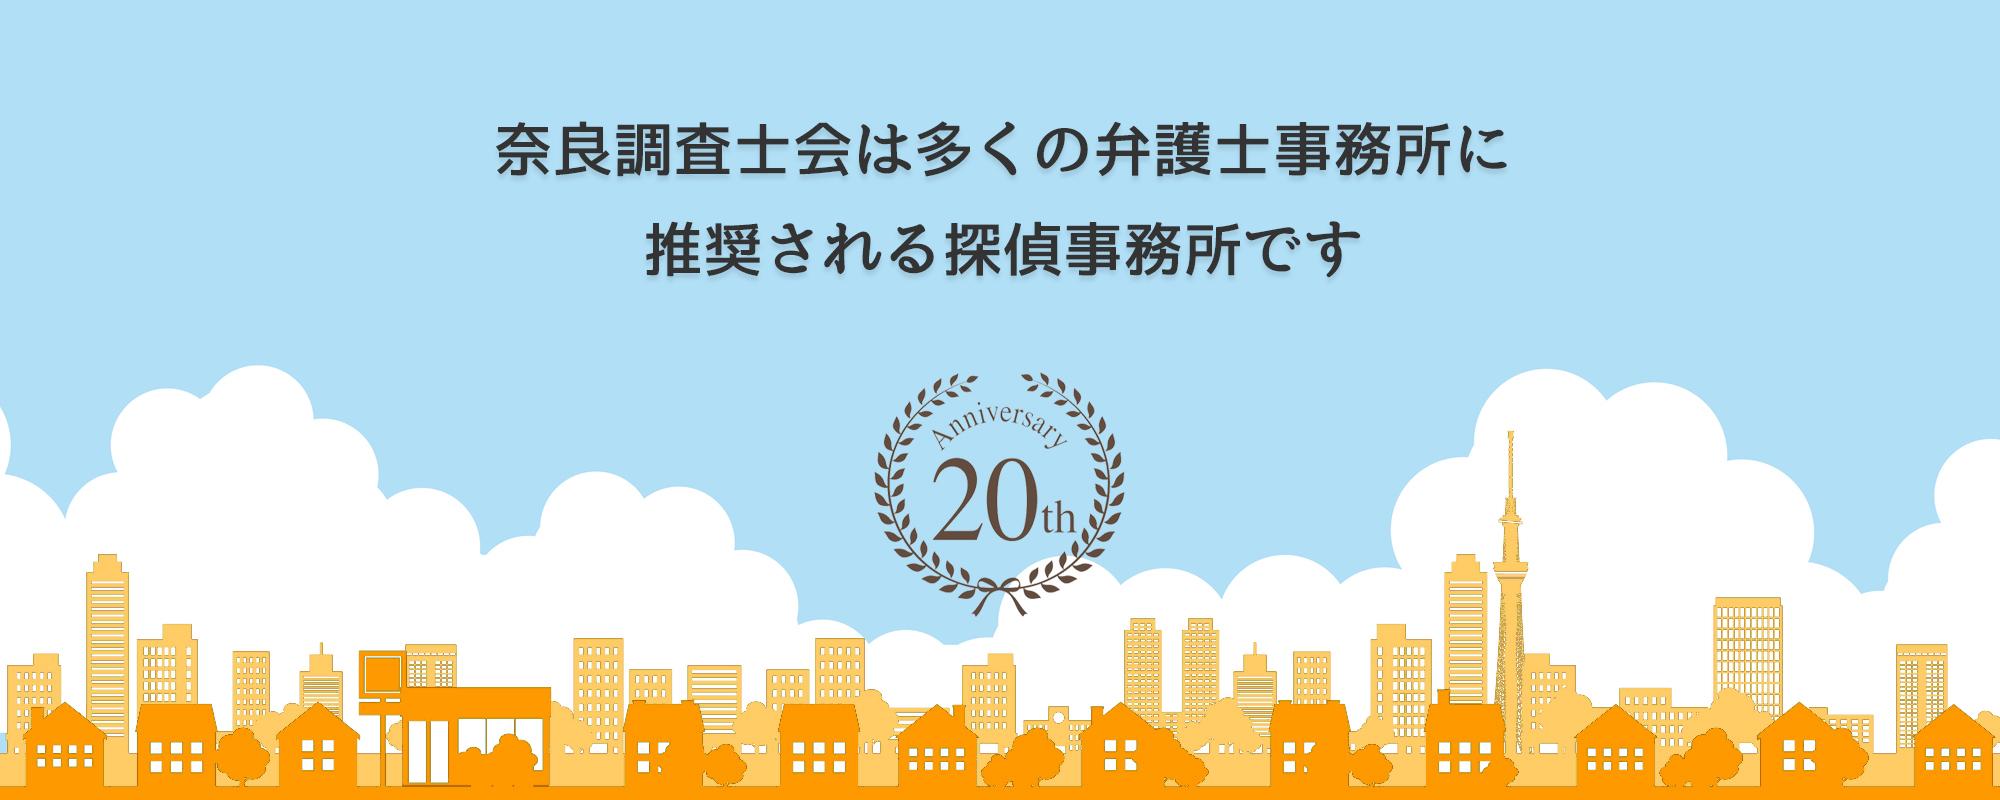 奈良相談室は多くの弁護士事務所に推奨されています。